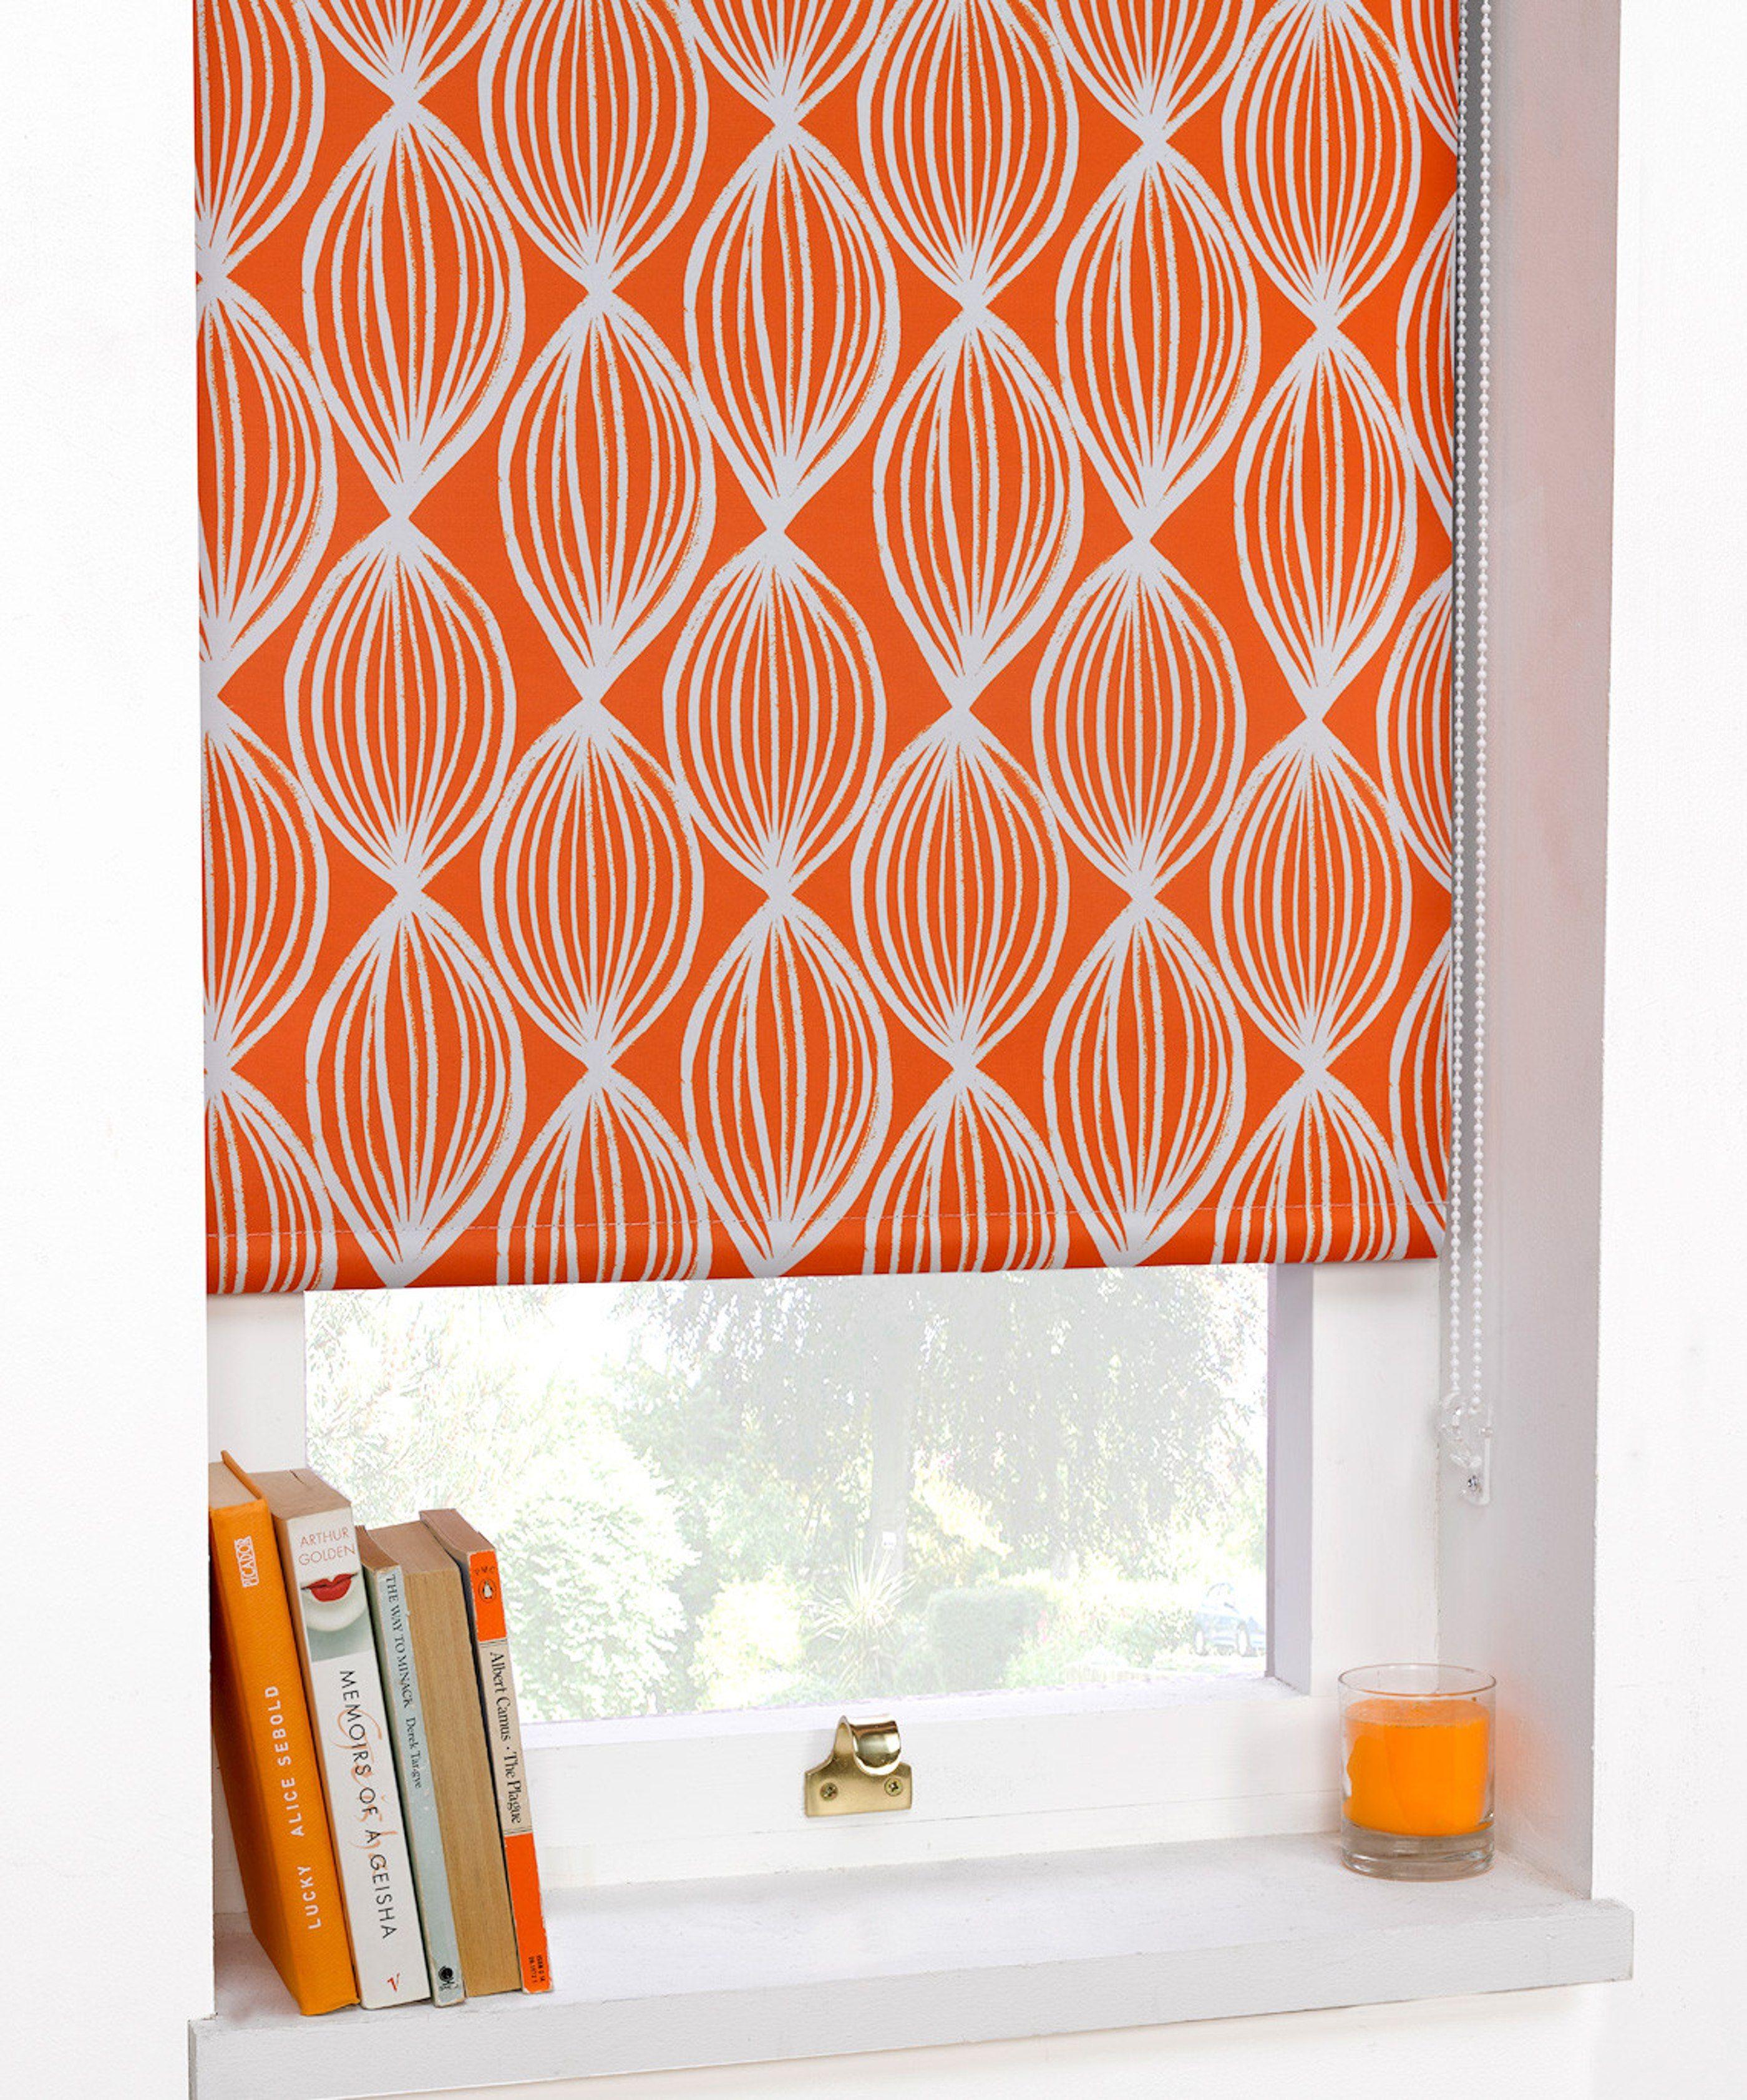 Furniture New Home Bedroom 1 Roller Blinds Blinds